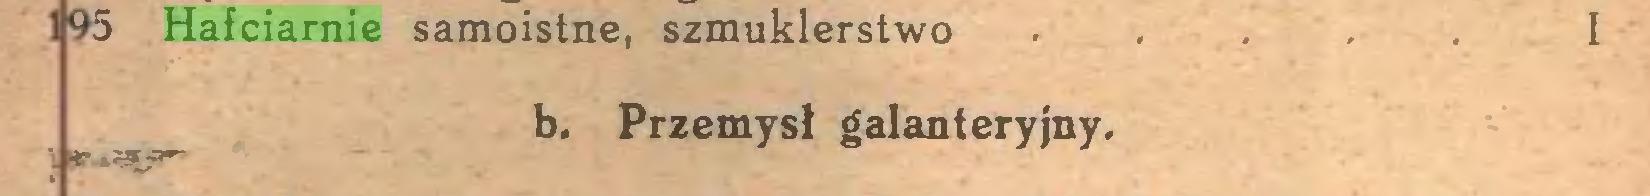 (...) 195 Hafciarnie samoistne, szmuklerstwo I b. Przemysł galanteryjny...